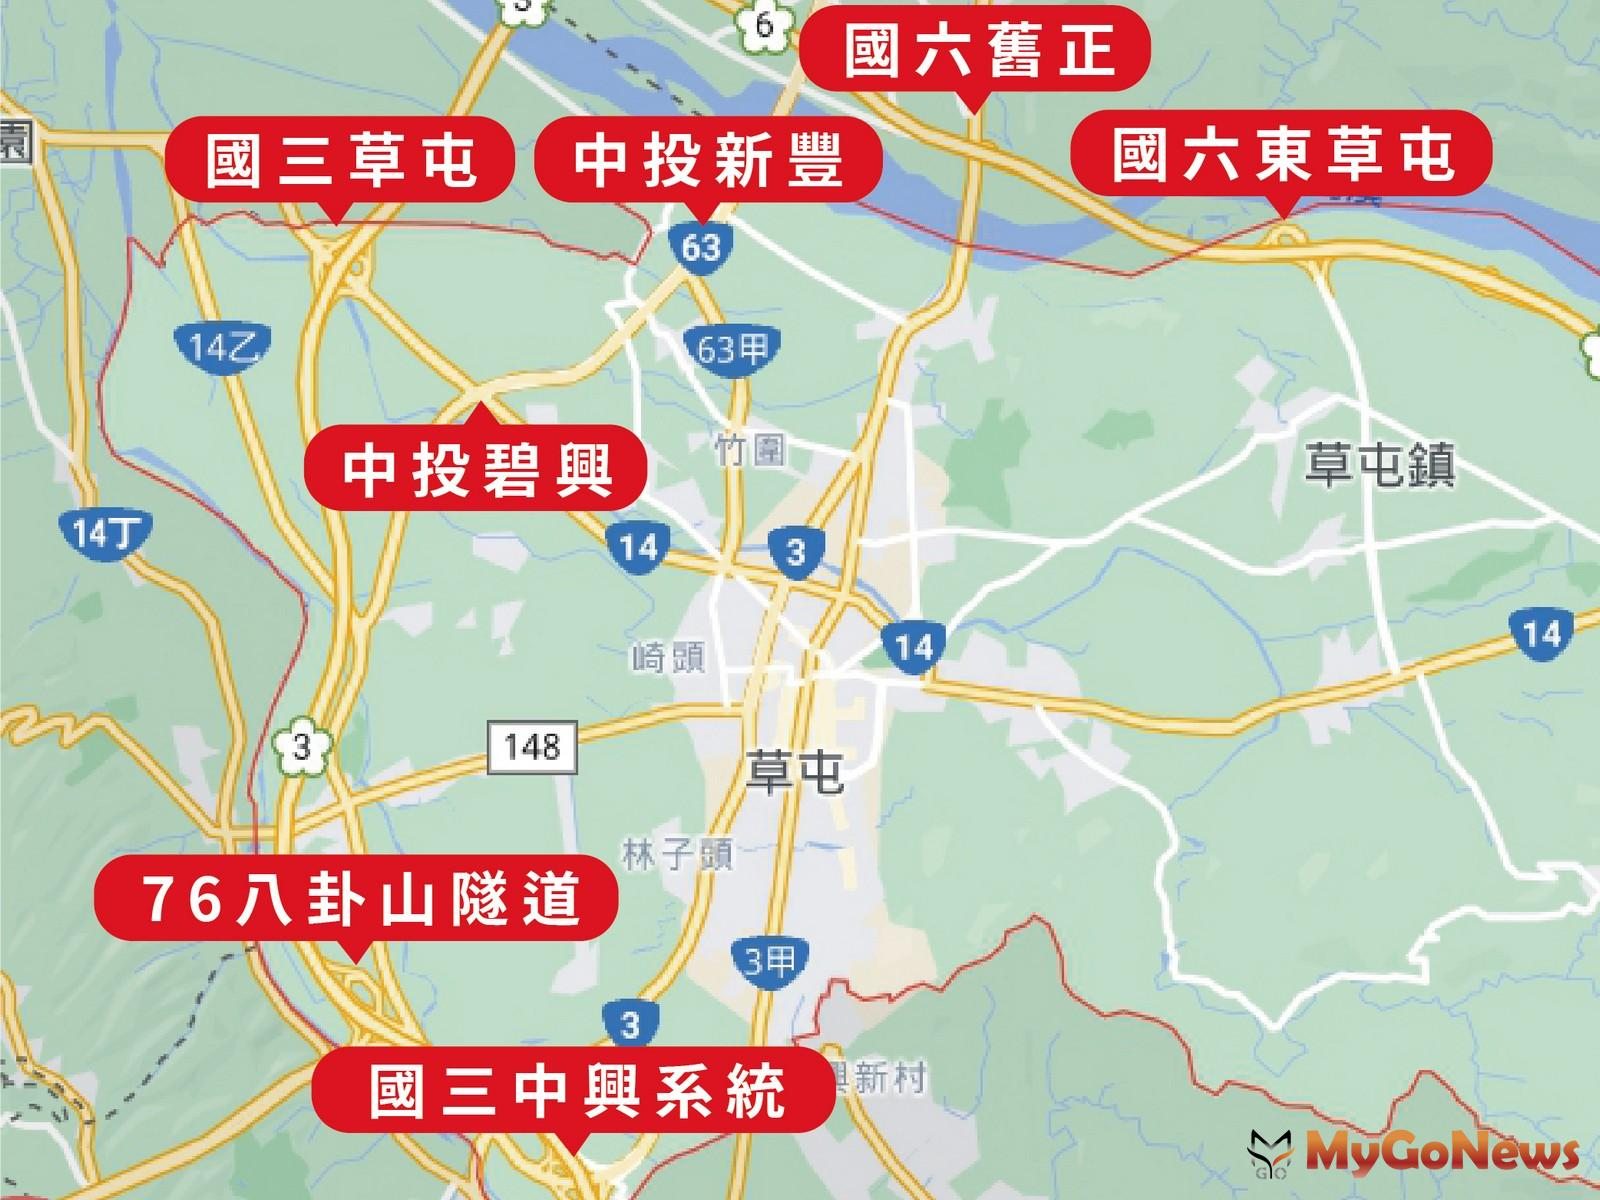 草屯鎮位於台中、彰化、南投交通樞紐,擁有俗稱「草屯環」的7個交流道口(圖/東森房屋) MyGoNews房地產新聞 市場快訊